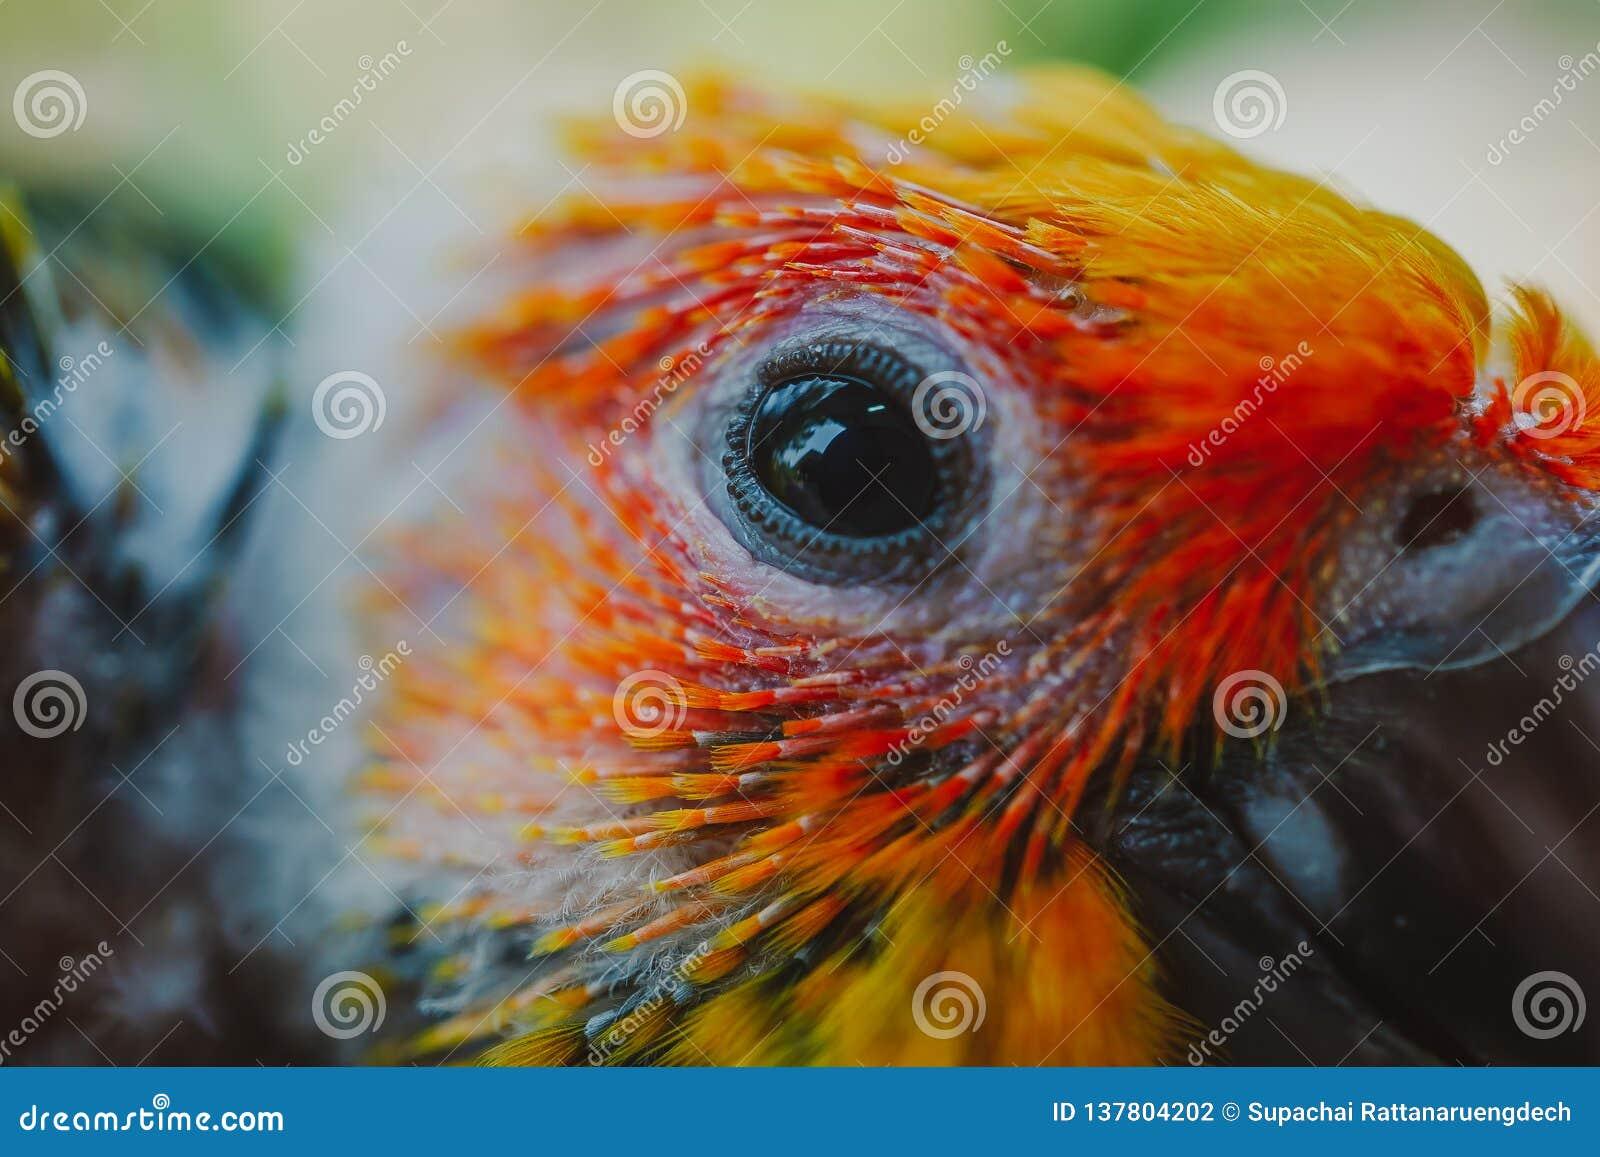 Closeup Sun Conure bird